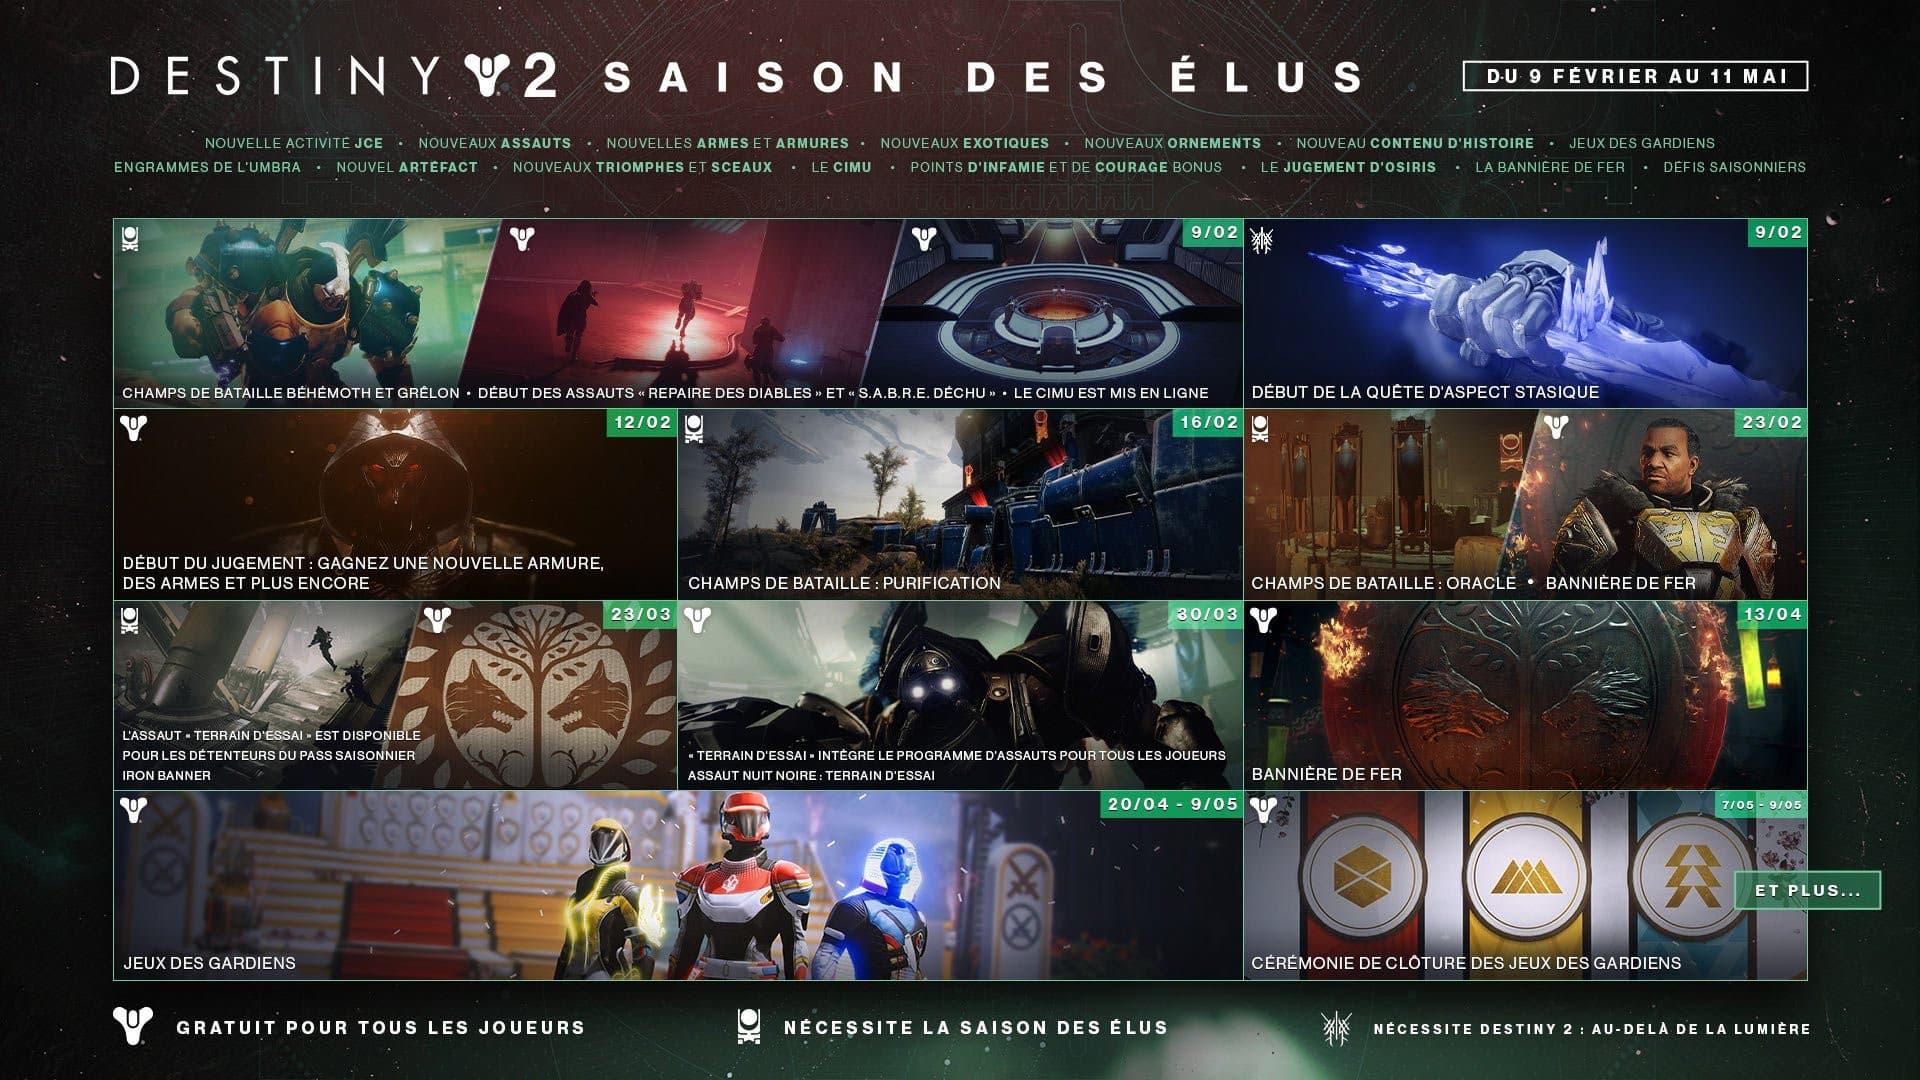 Destiny 2: La Saison des Élus Xbox Series X & S